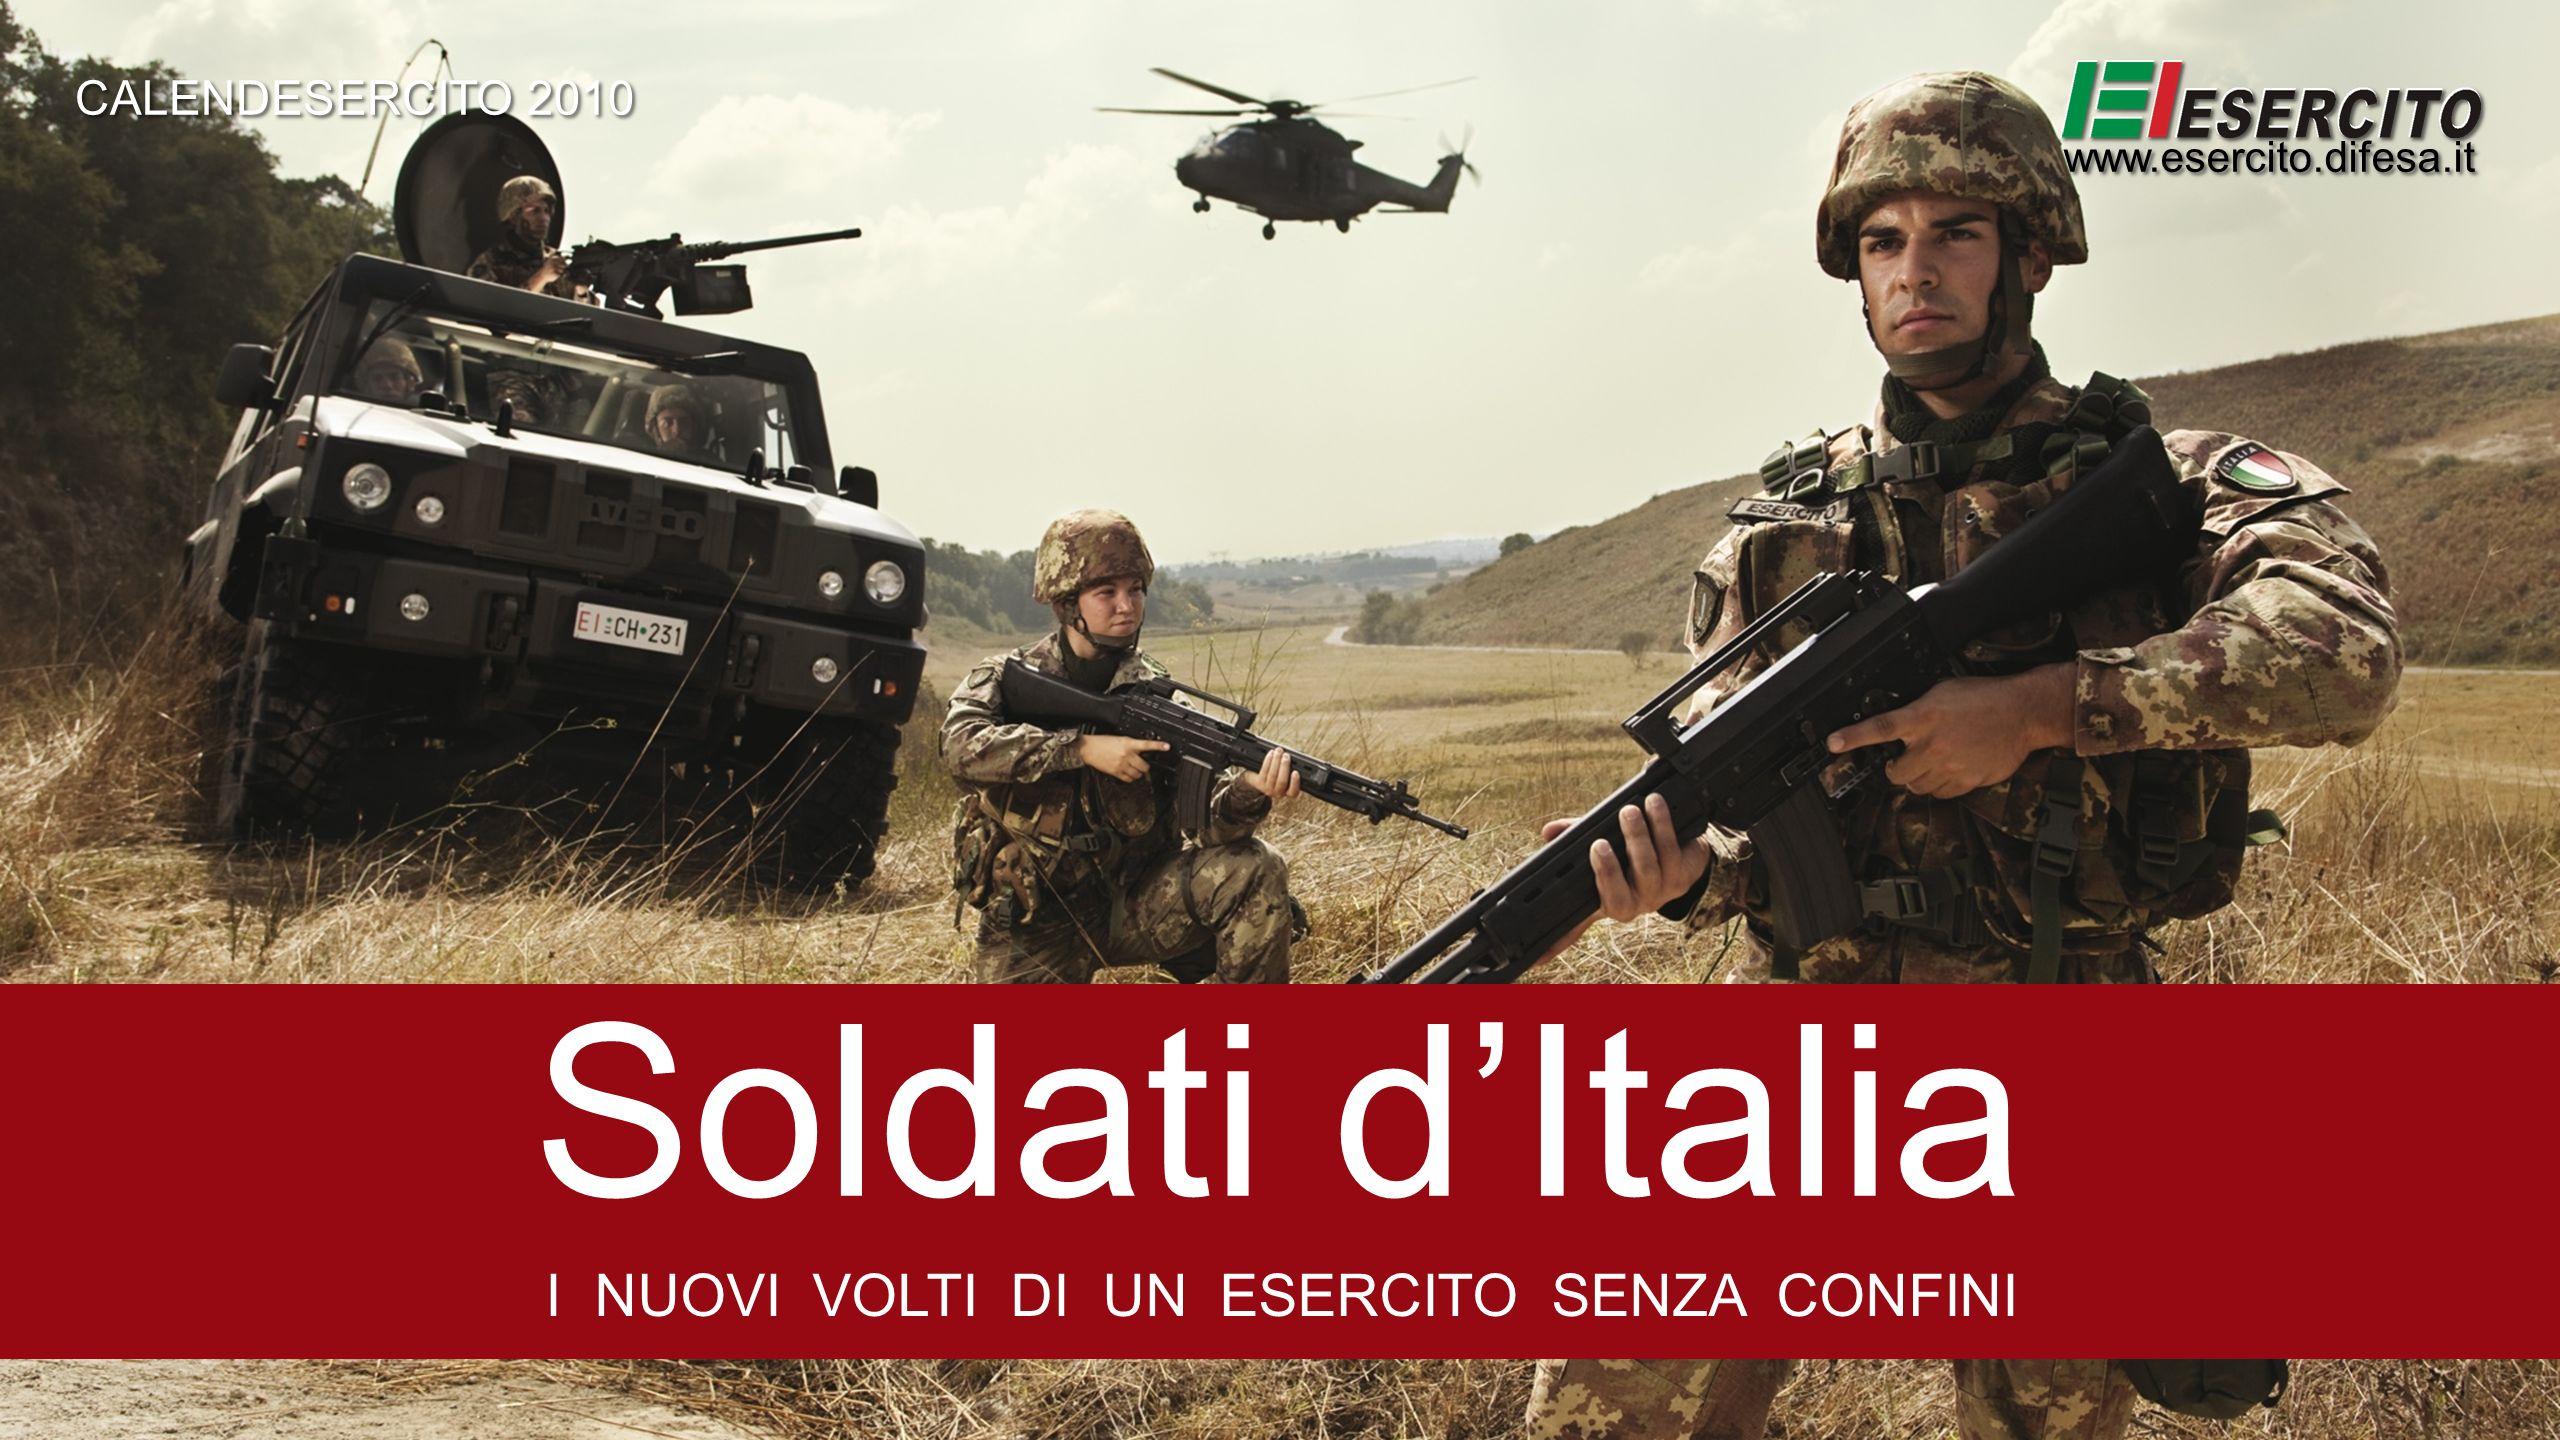 Soldati dItalia I NUOVI VOLTI DI UN ESERCITO SENZA CONFINI CALENDESERCITO 2010 www.esercito.difesa.it